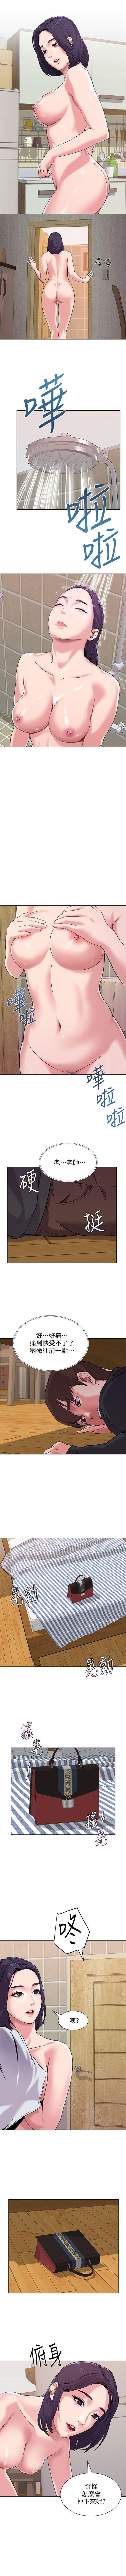 老師 1-80 官方中文(連載中) 33